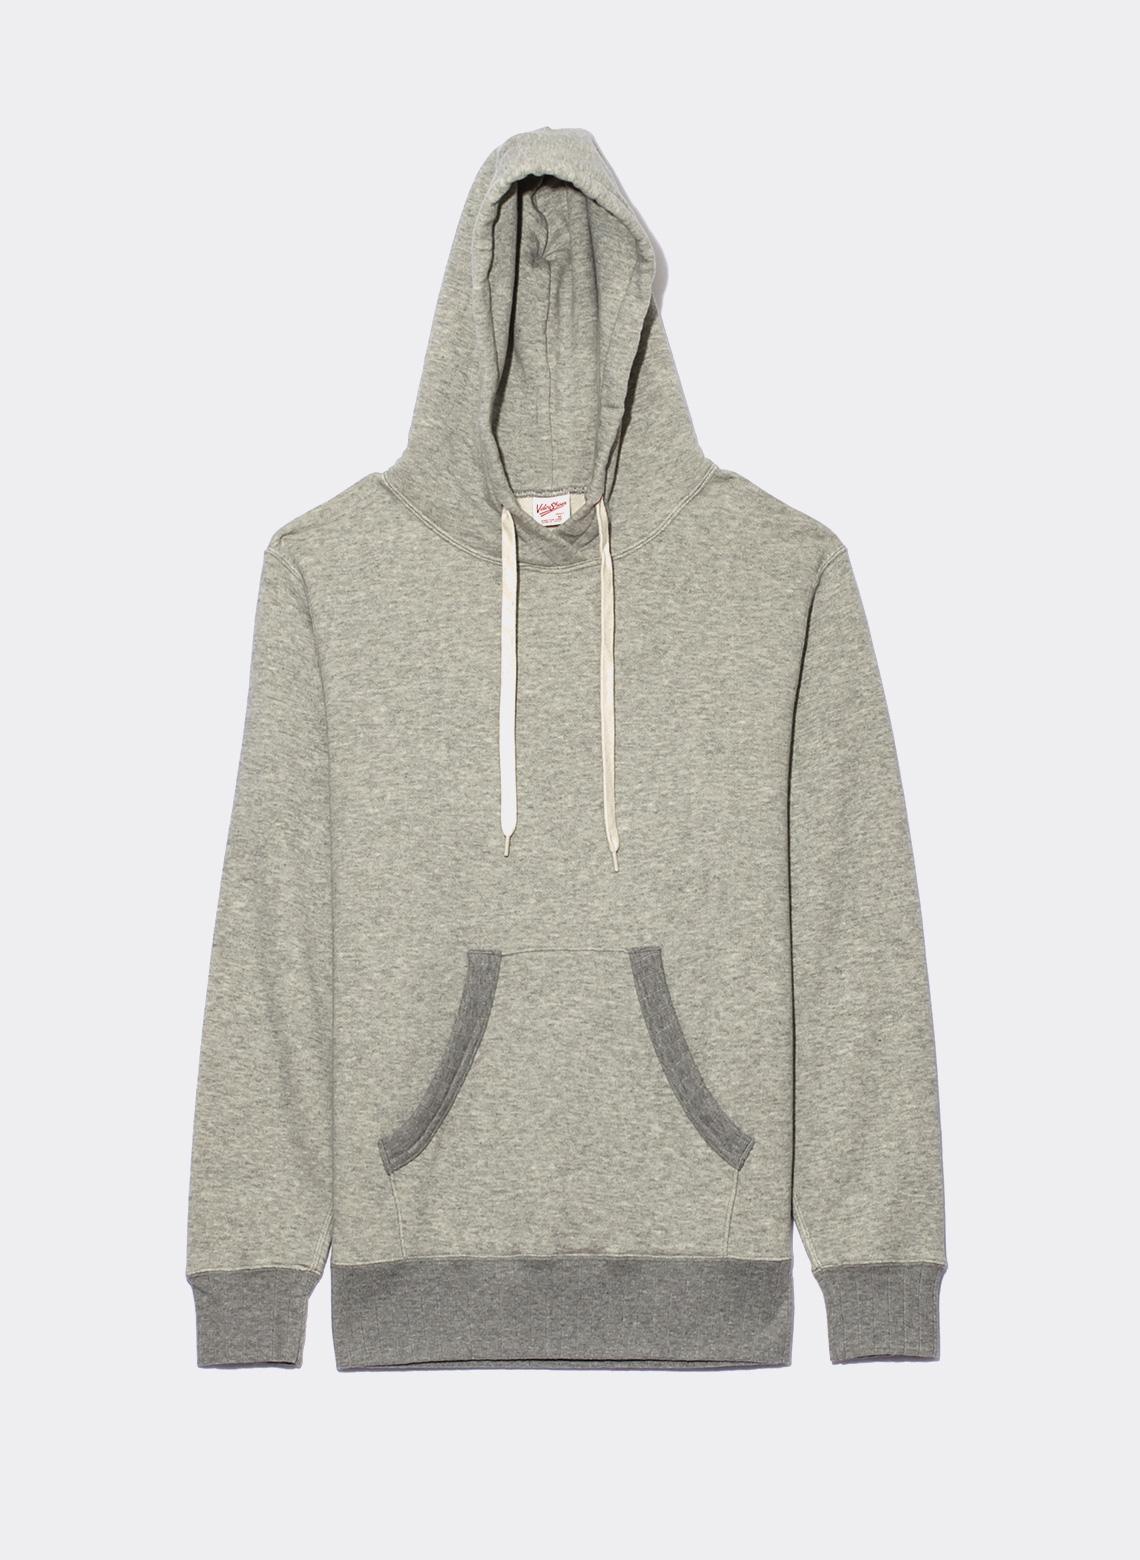 Loopwheeler hoodie